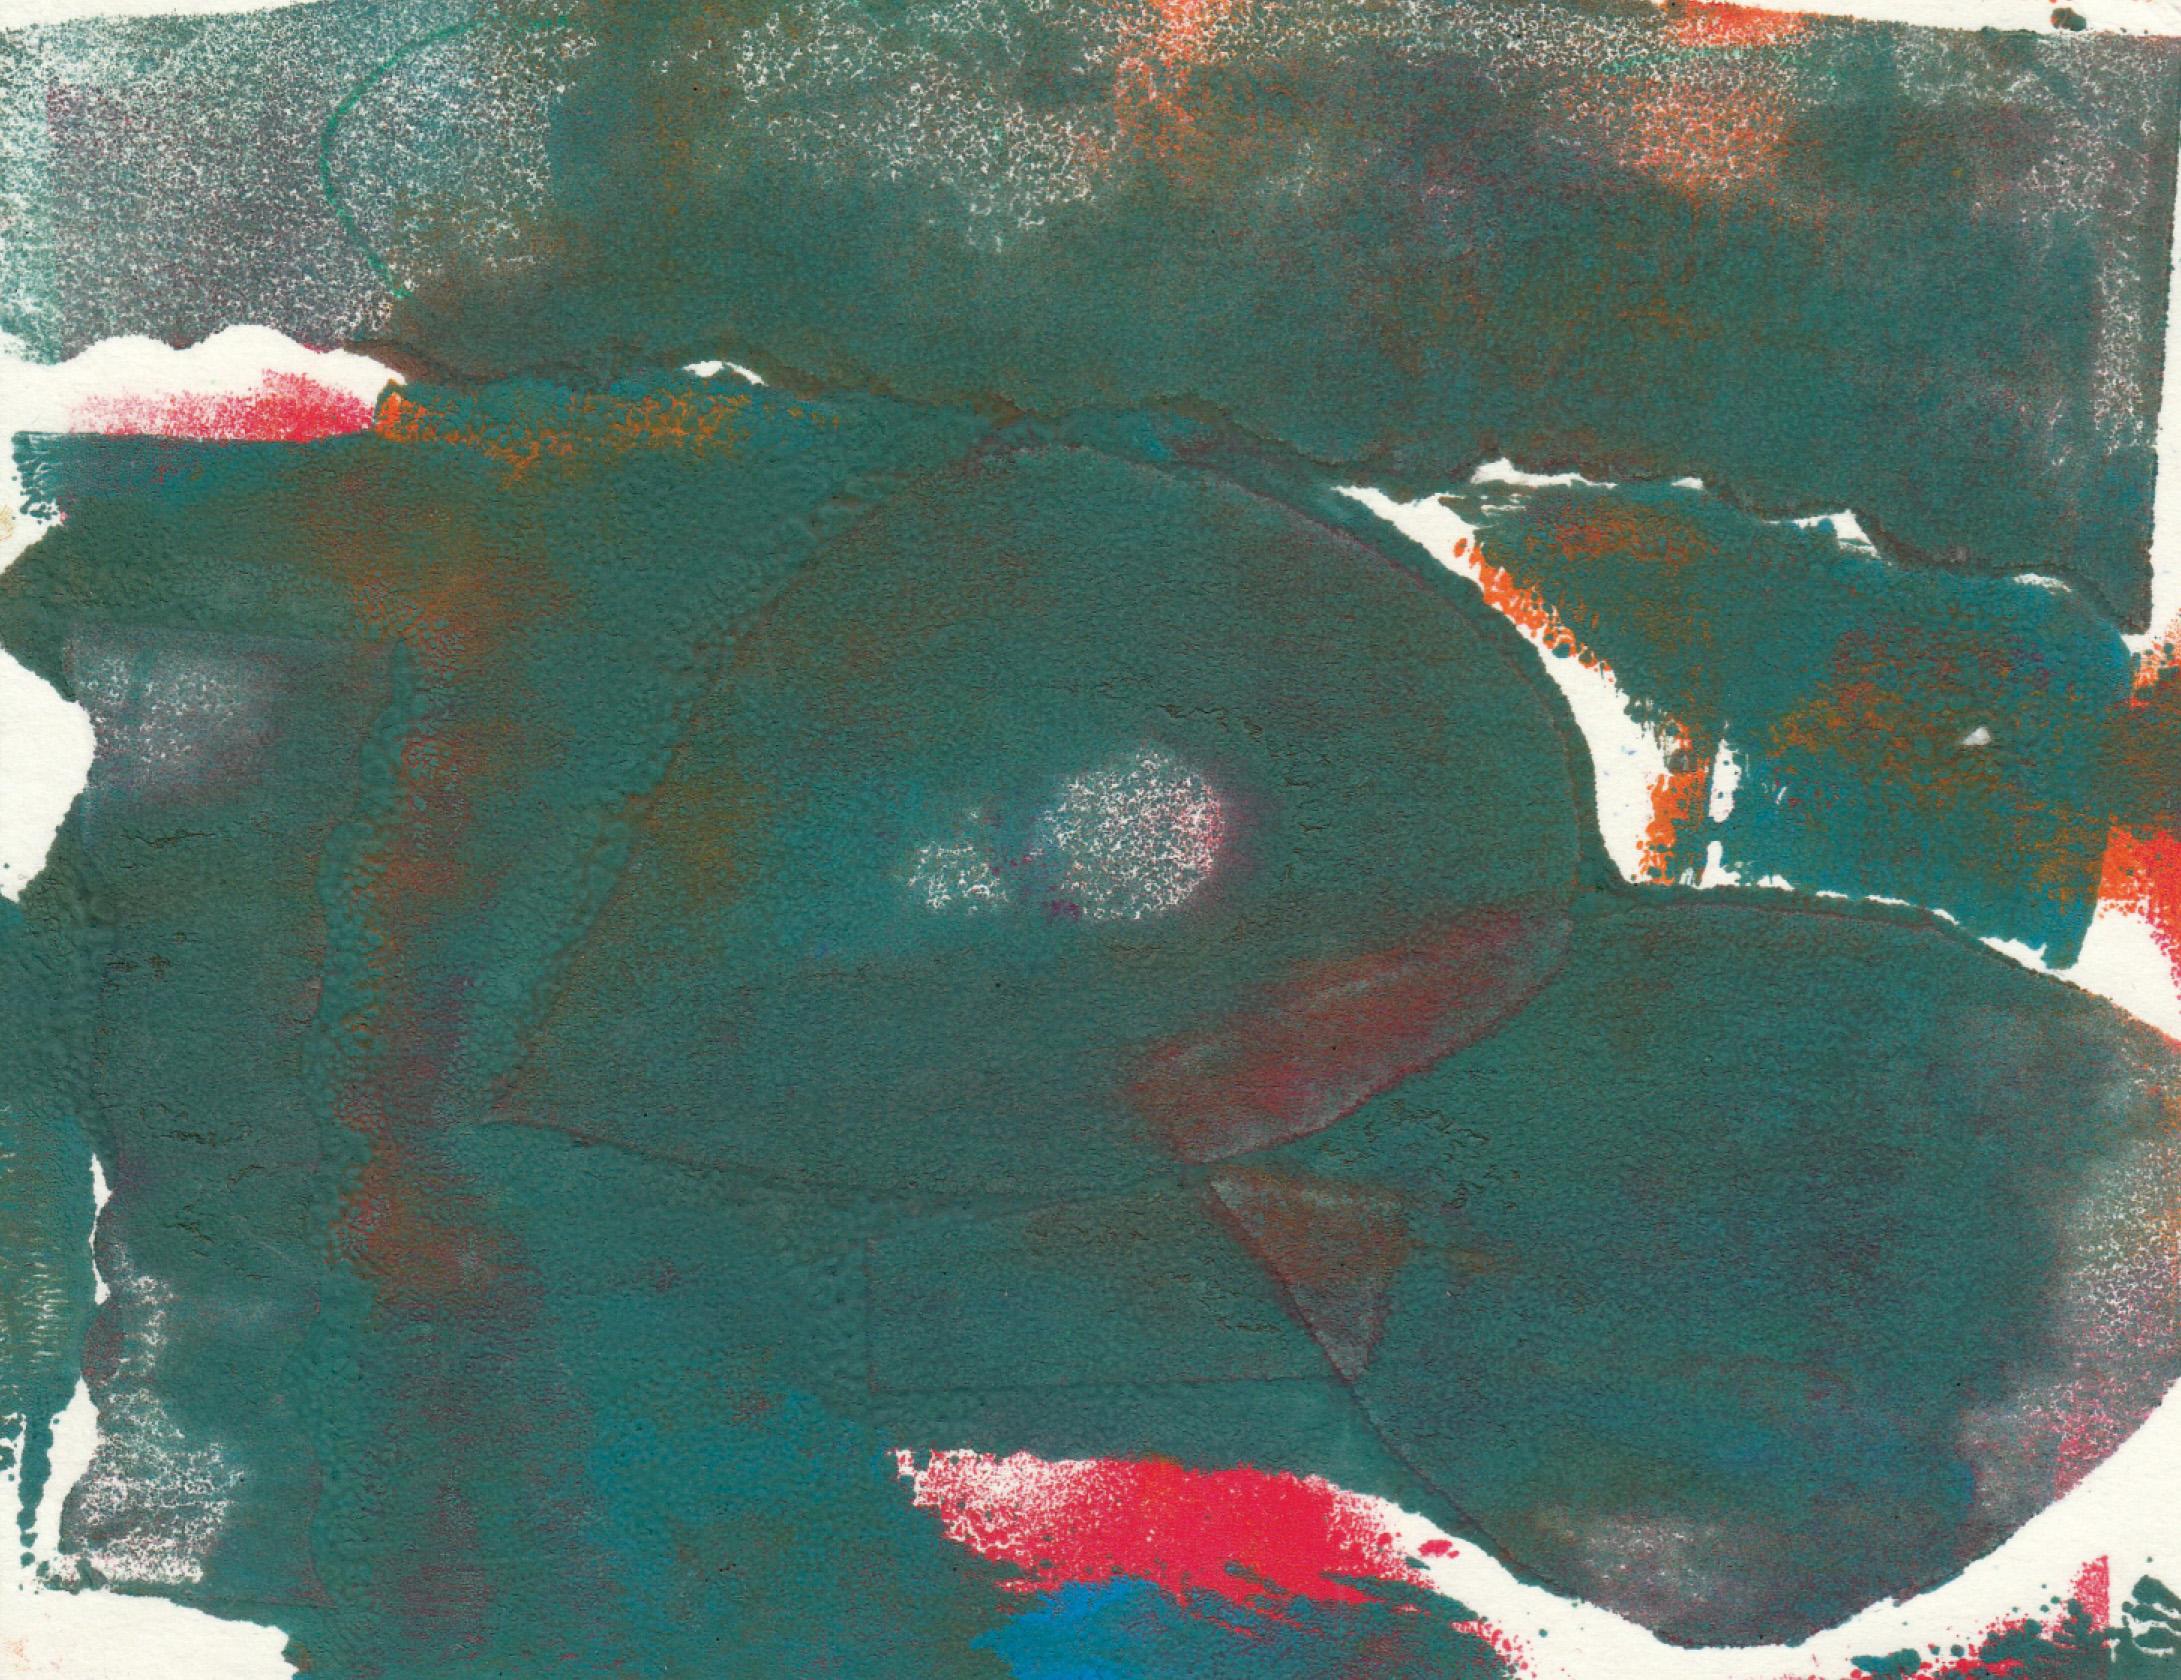 Krāsu un objektu miksējums. Zīmējums ir abstrakts.